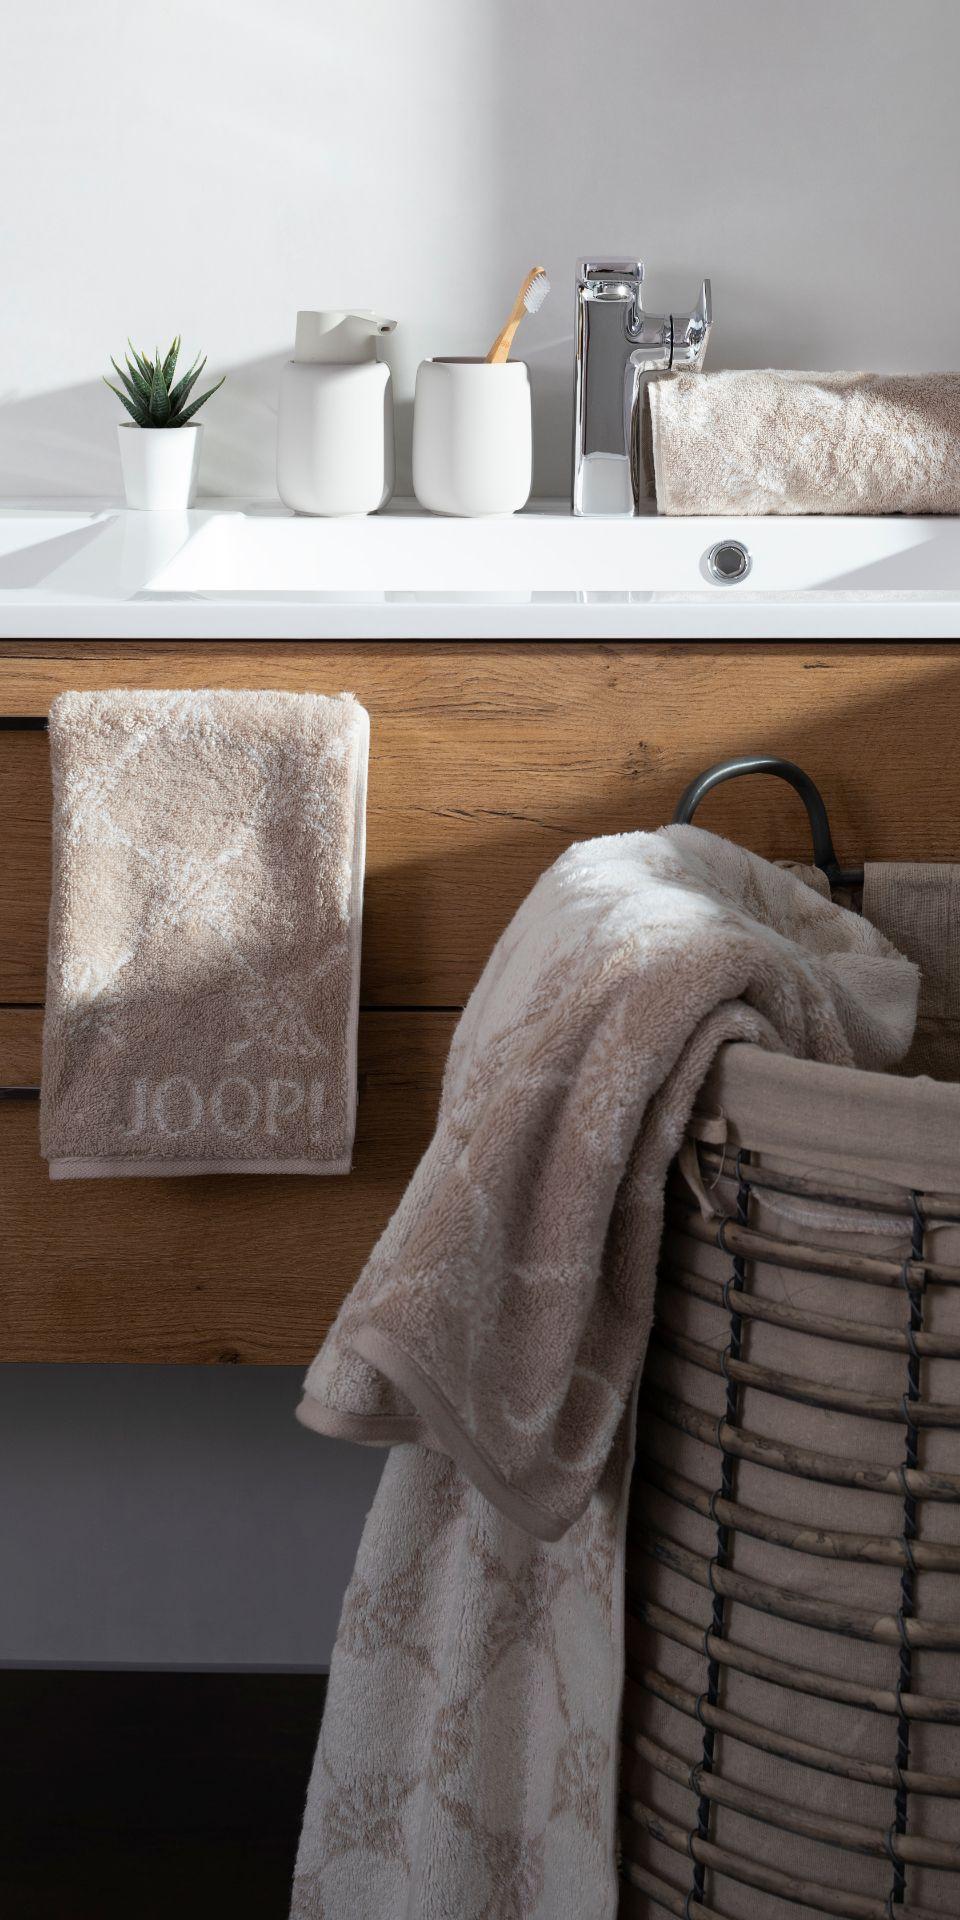 Die Zehn Geheimnisse Die Sie Uber Joop Badezimmerschrank Joop Badezimmer Schone Schlafzimmer Zimmer